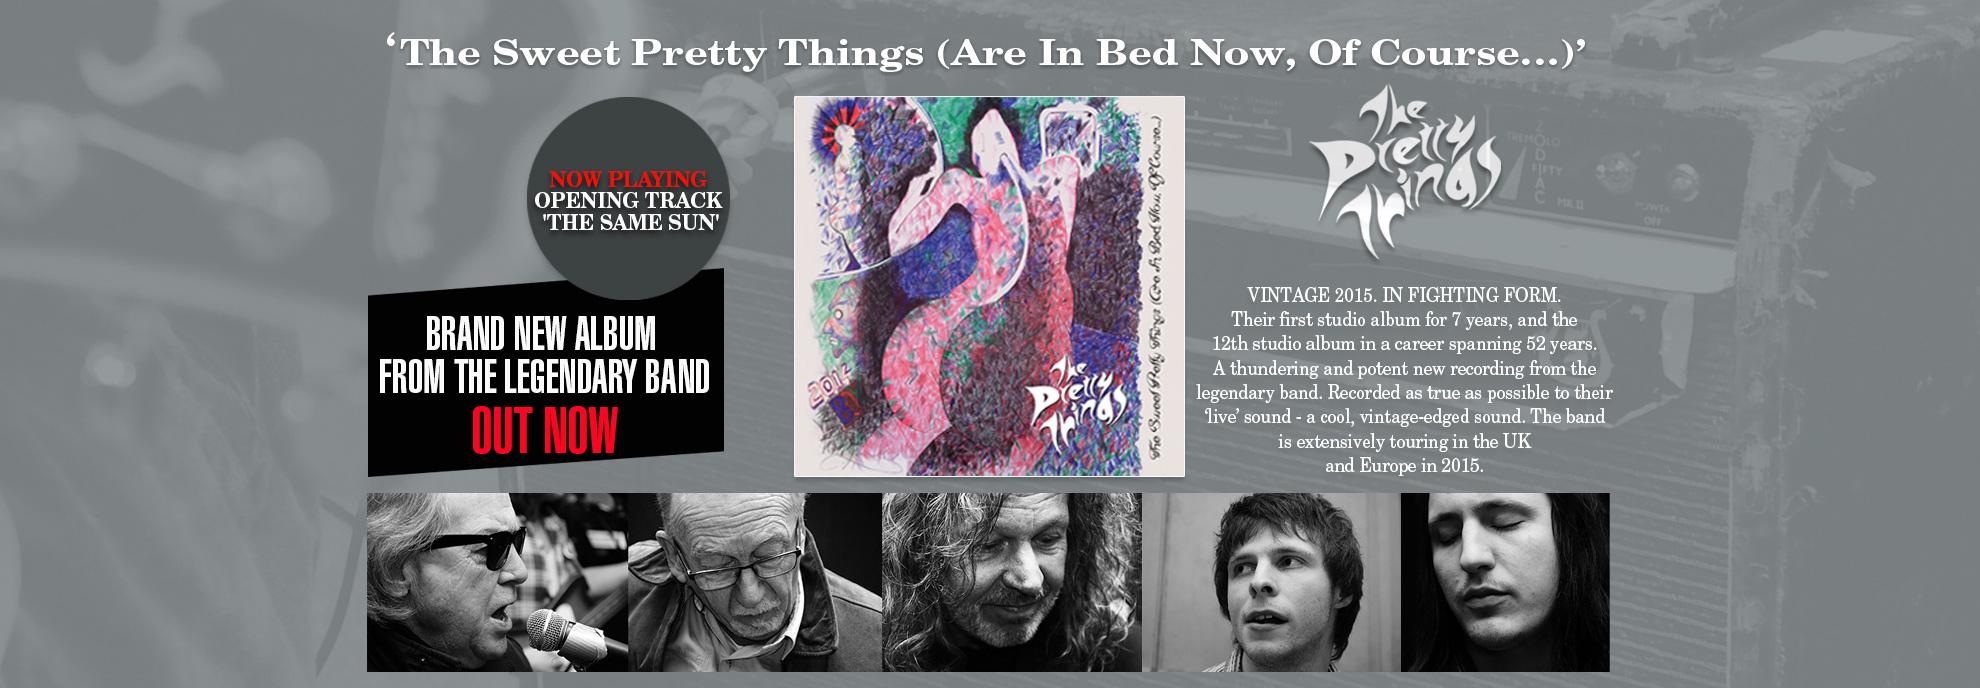 Pretty-Things-new-album-ad2